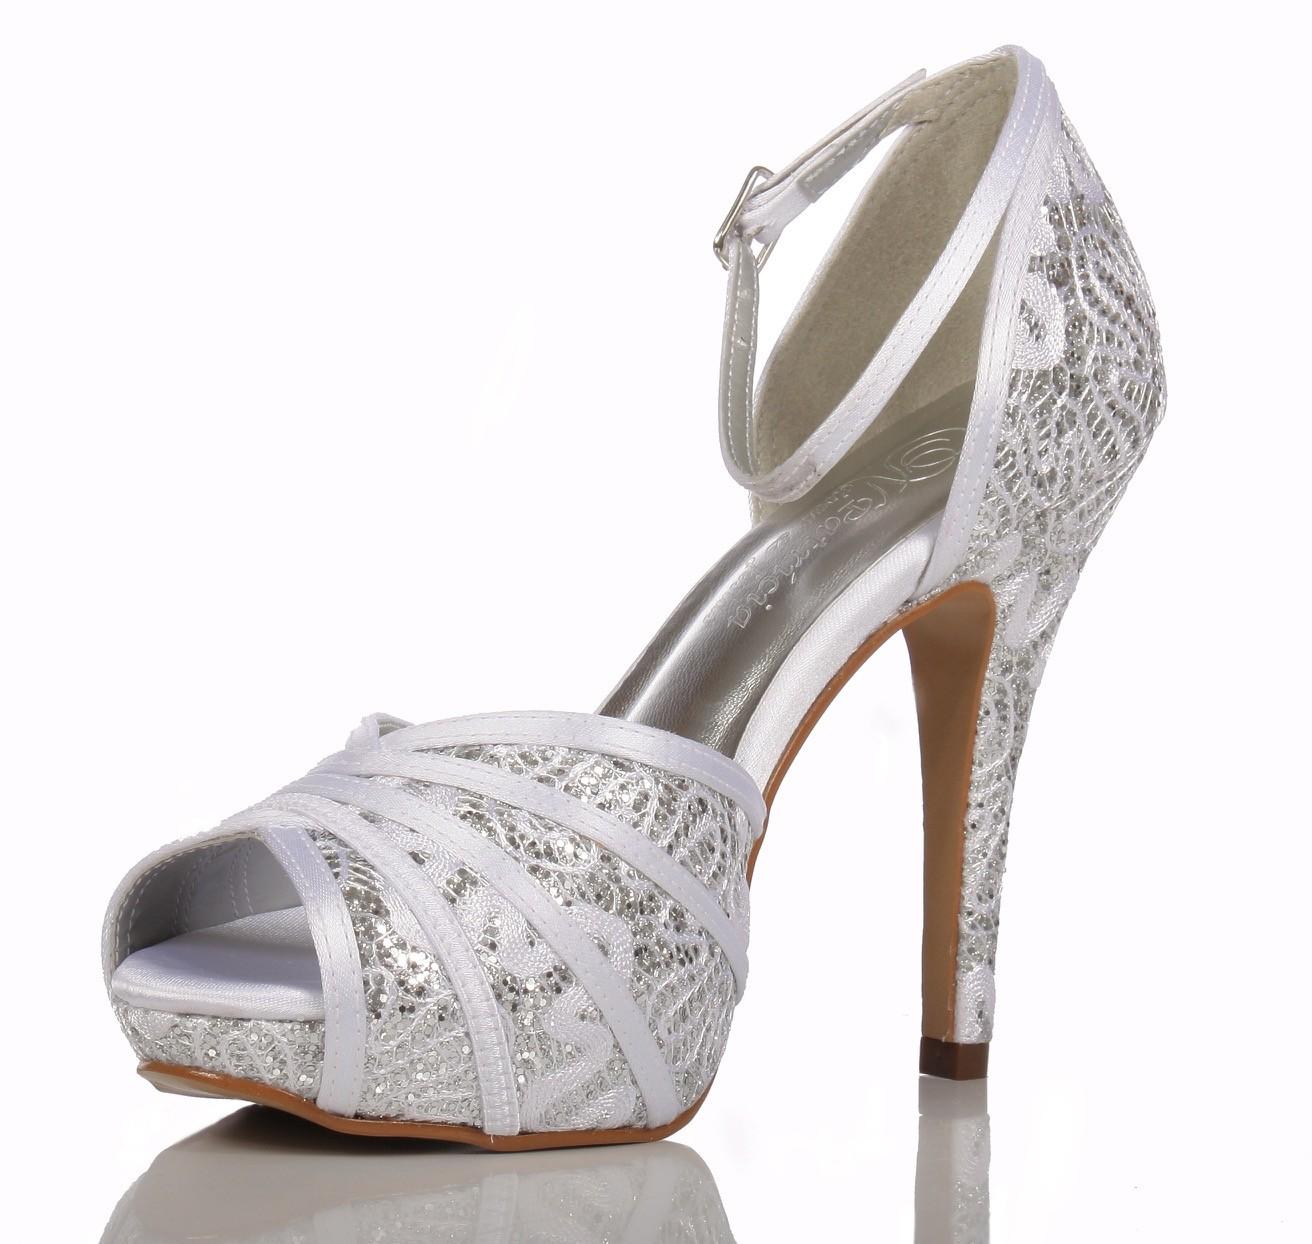 Scarpin prata e vestido - 4 5